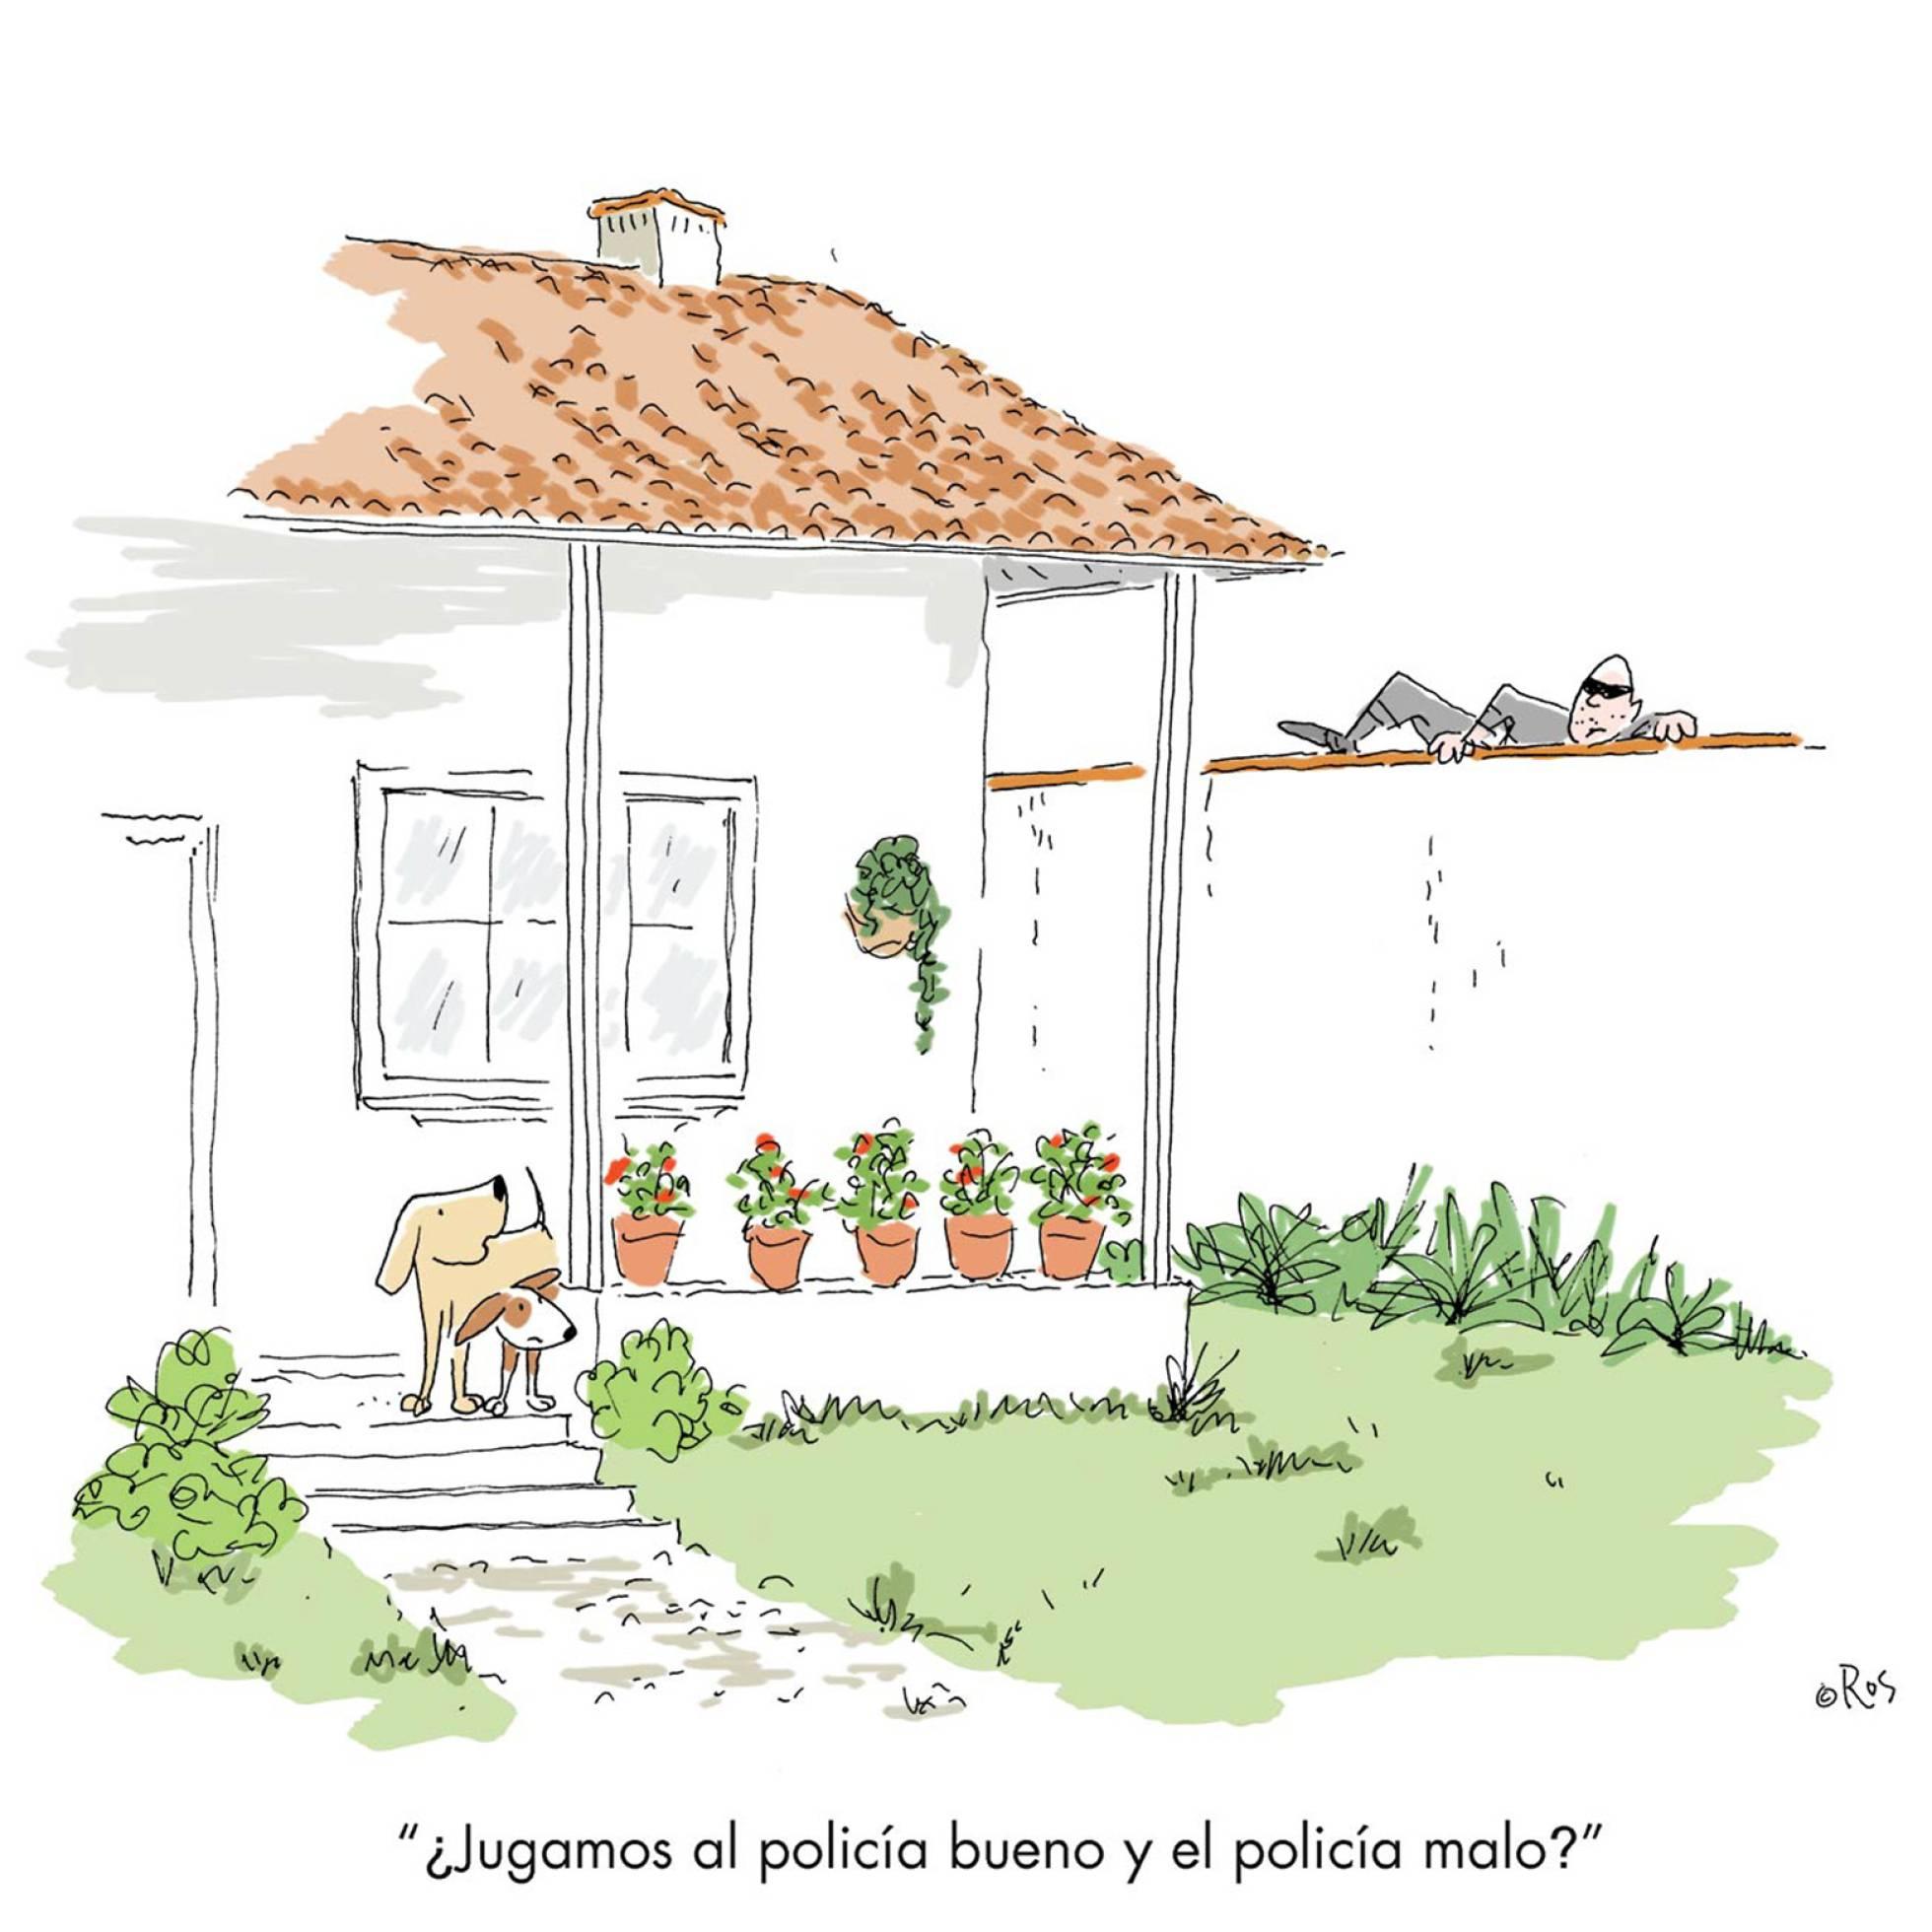 Ros, El País, 27/06/2017